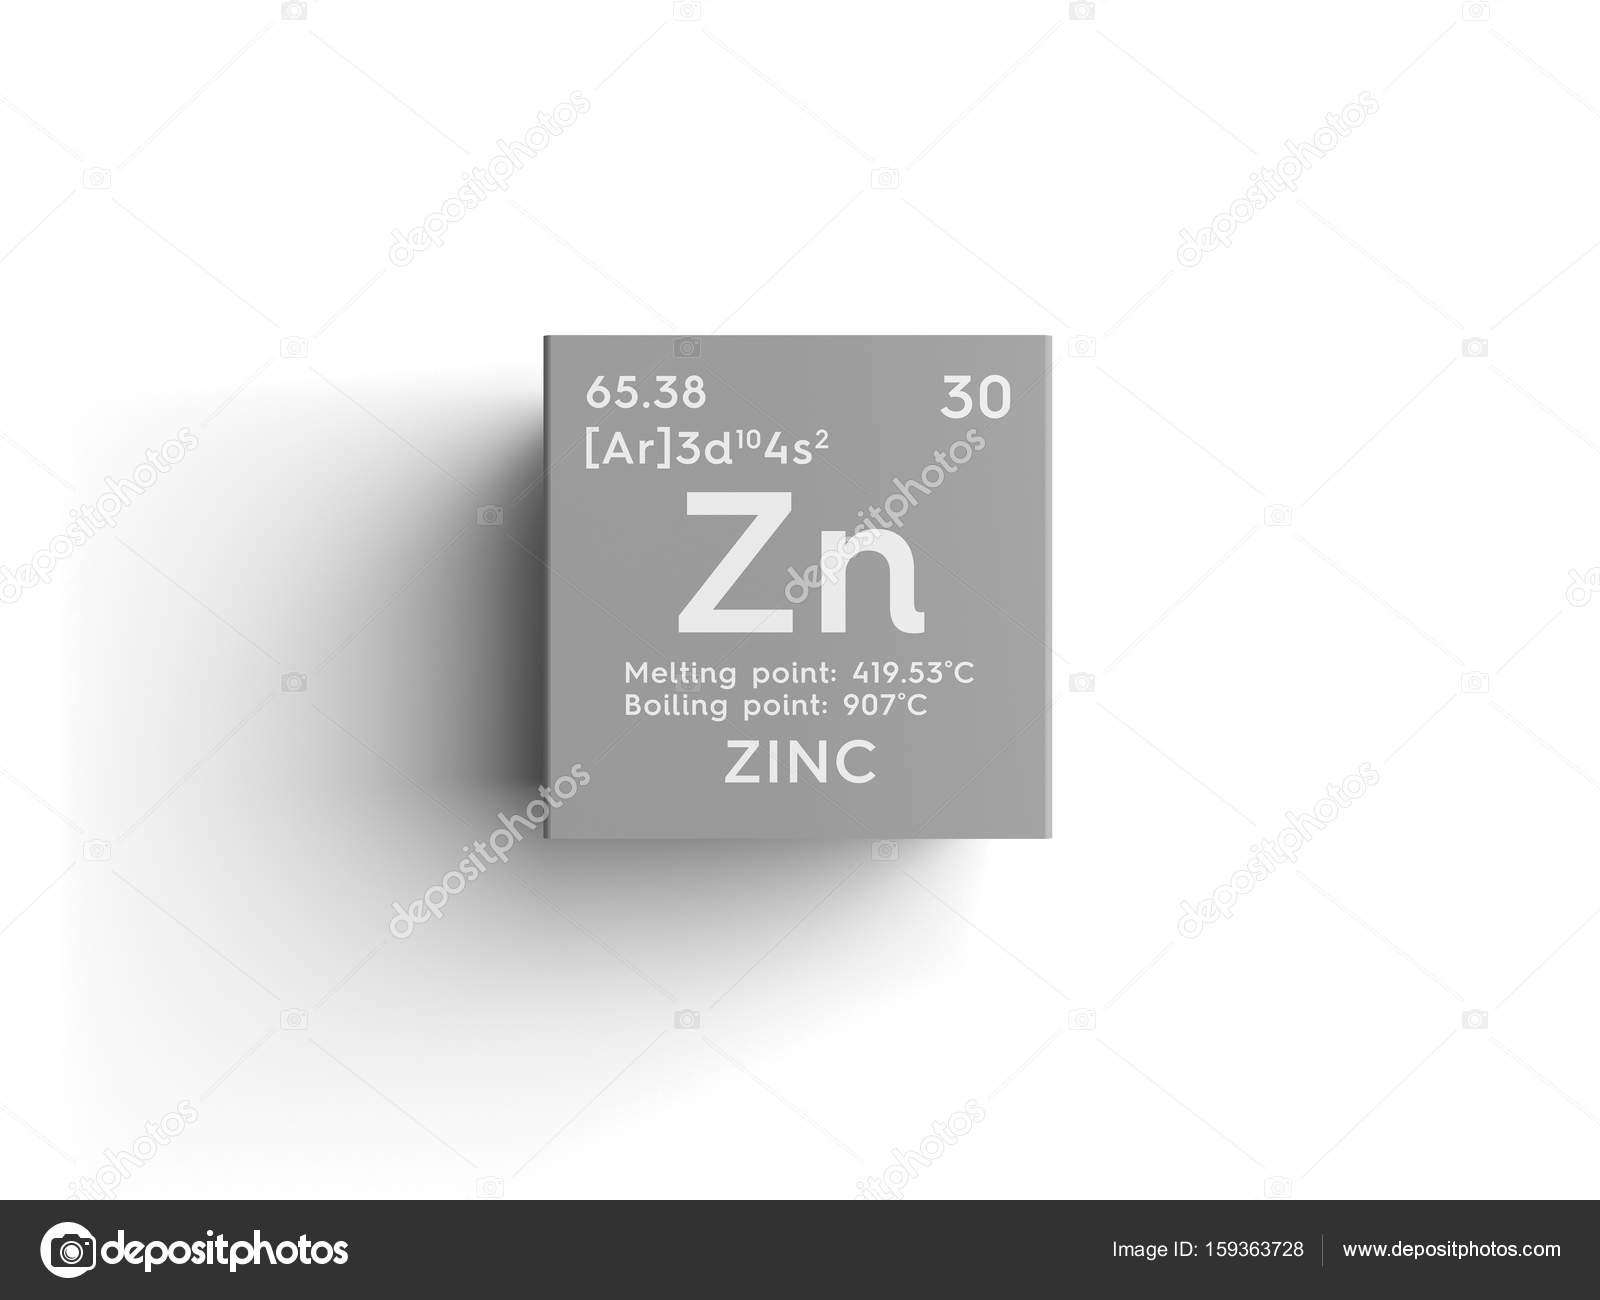 Zinc metales de transicin elemento qumico de la tabla de zinc metales de transicin elemento qumico de la tabla de periodica de mendeleiev urtaz Image collections